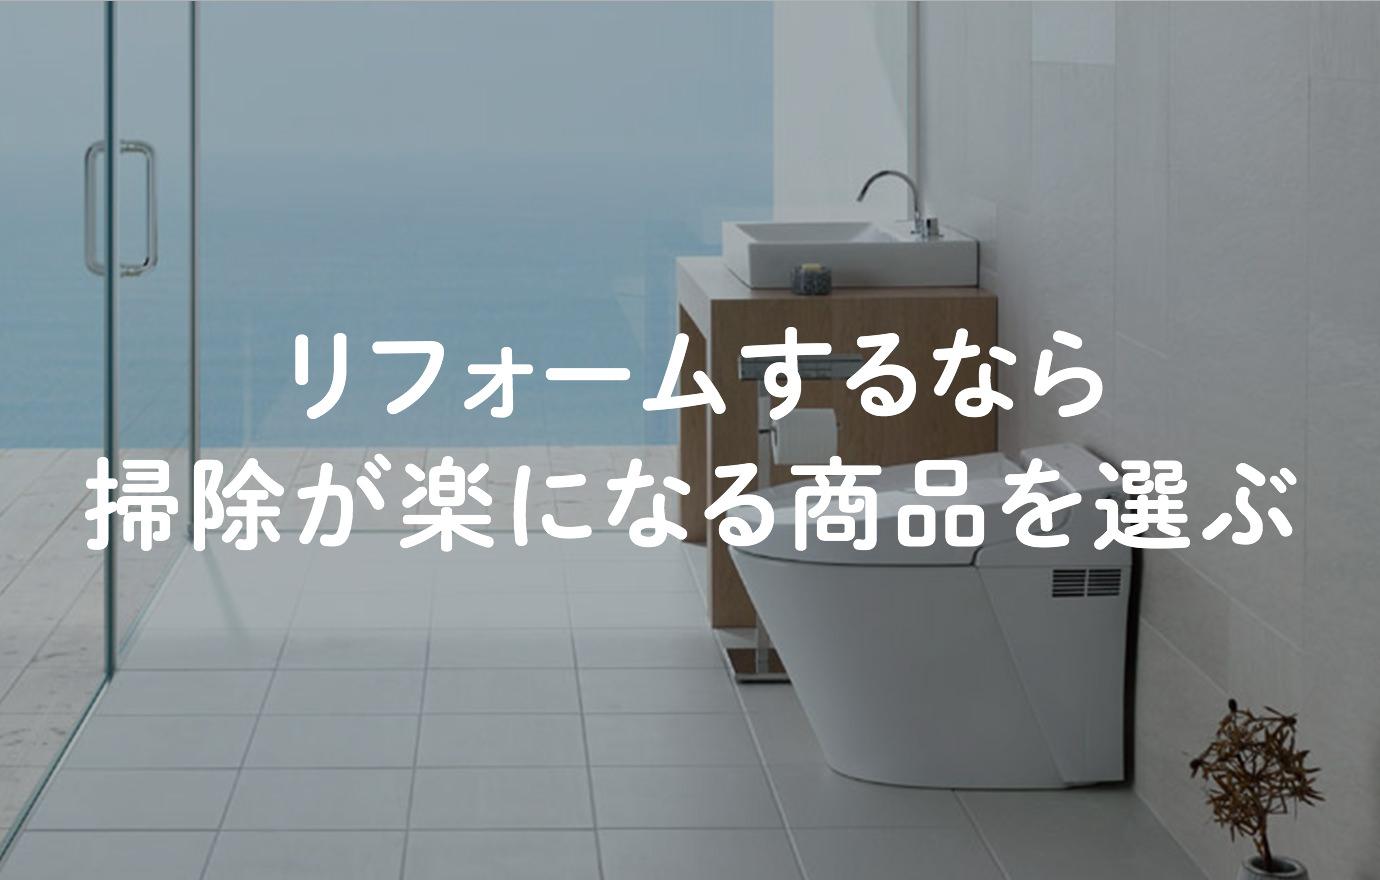 便器の掃除に困っているあなたへ 便器の掃除が簡単になるリフォームとは